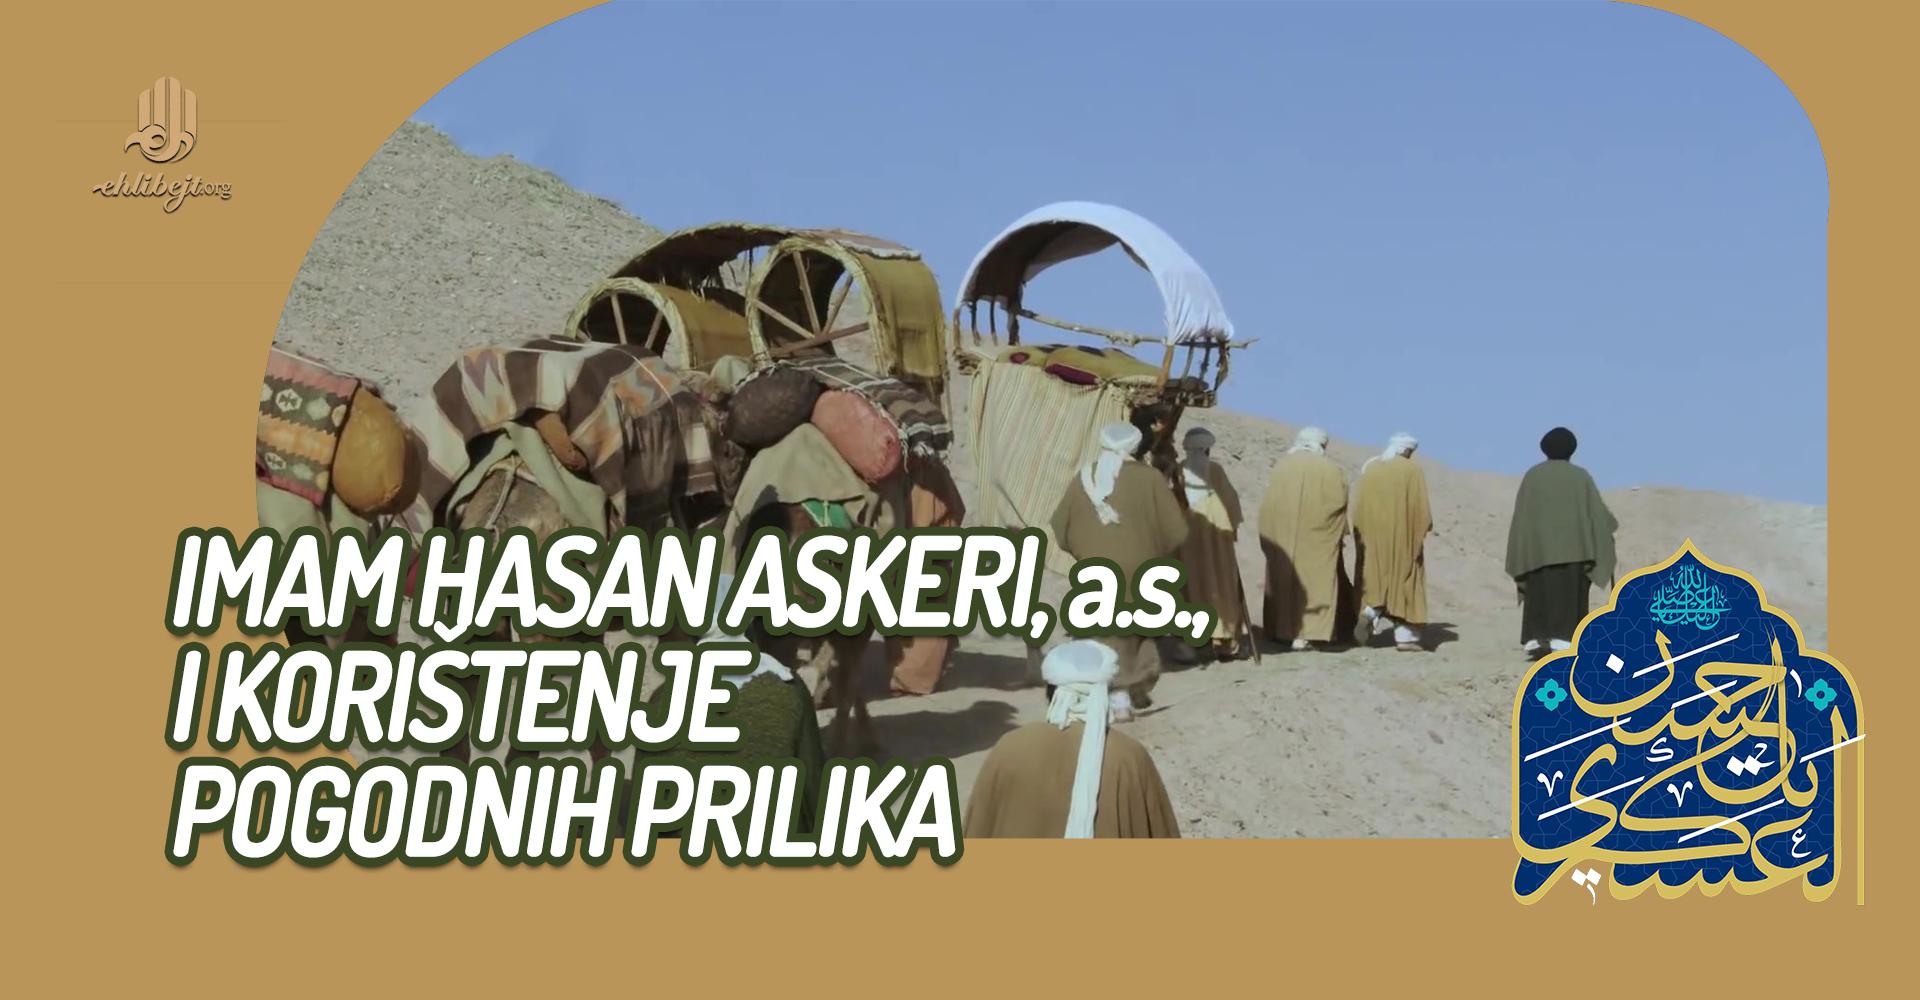 Imam Hasan Askeri, a.s., i korištenje pogodnih prilika